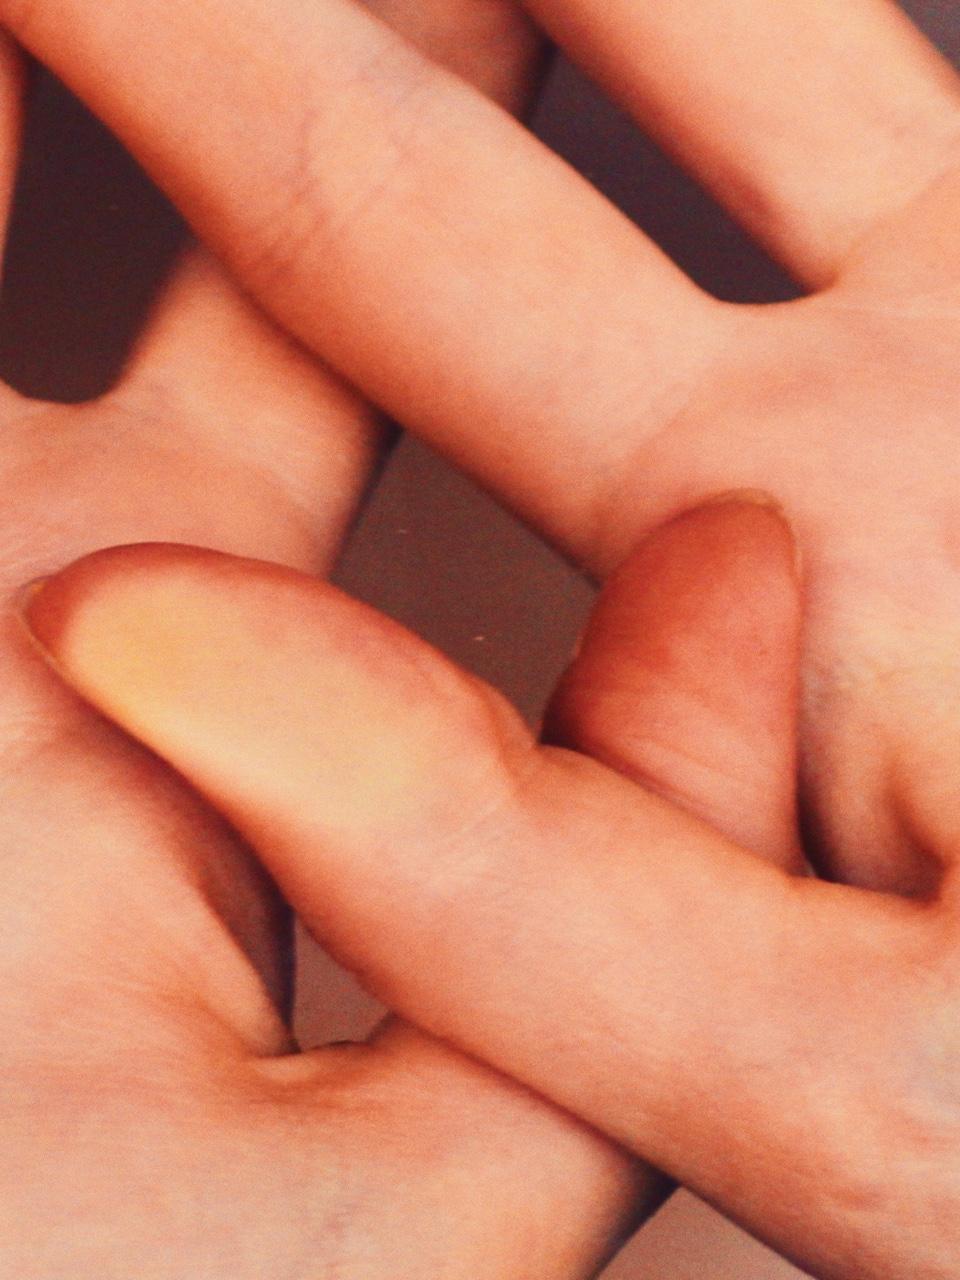 fingertips promo.jpg